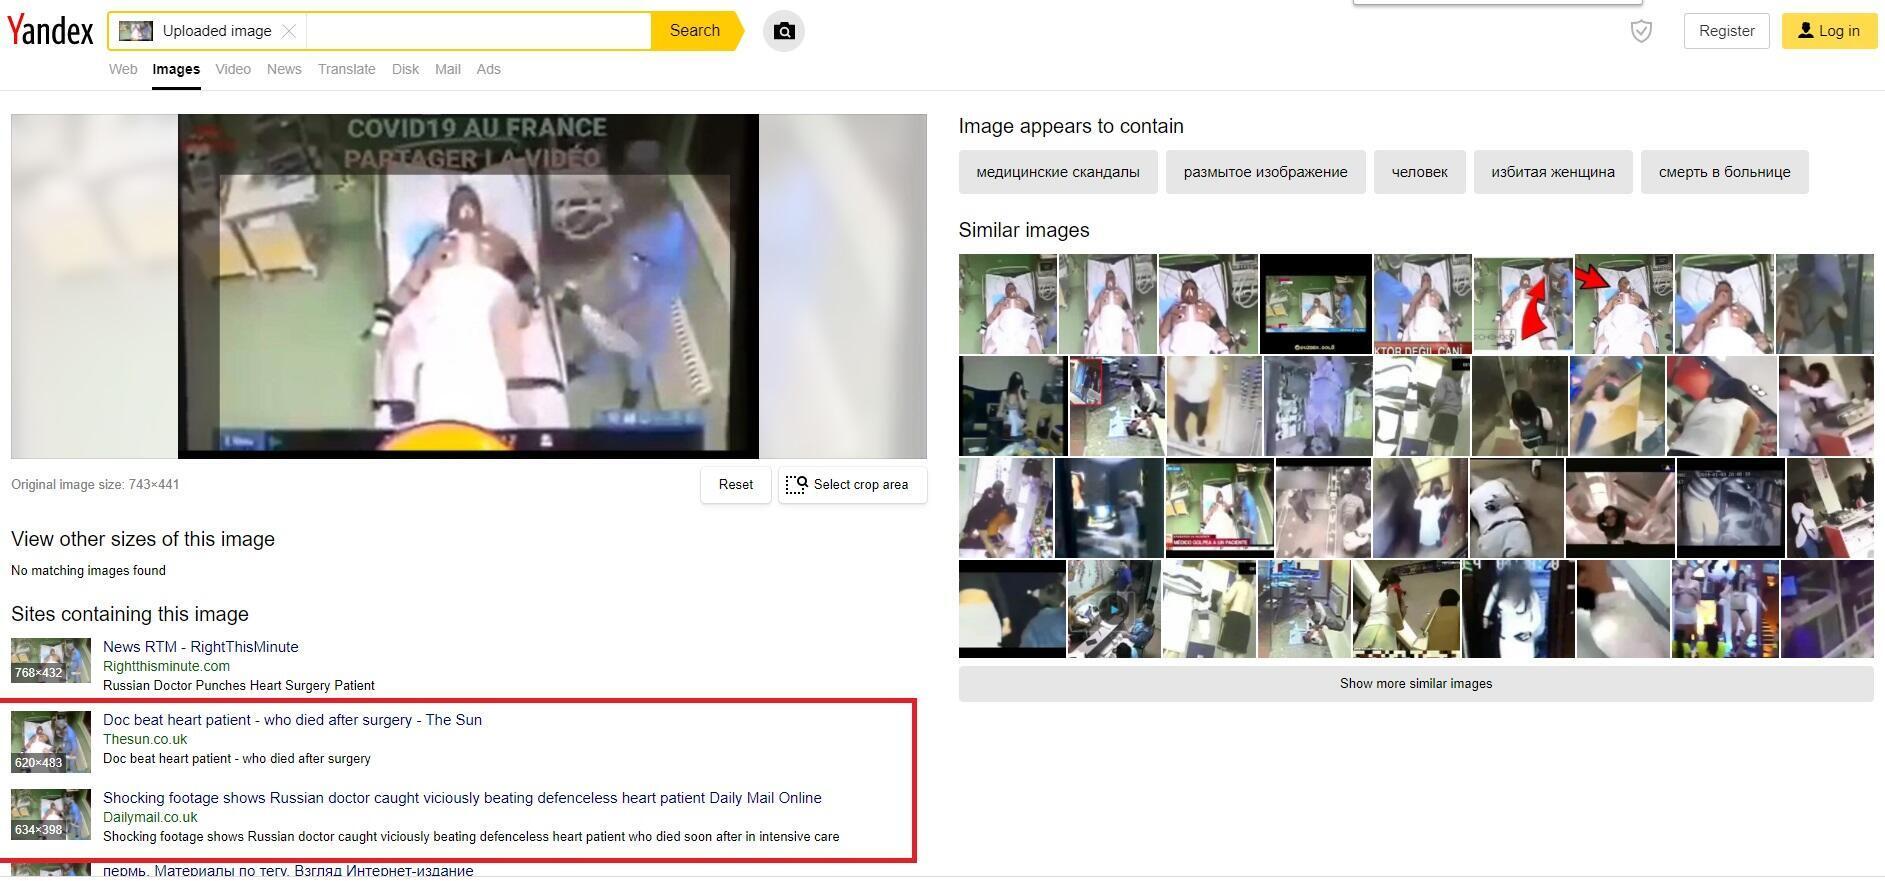 Grâce à une recherche sur Yandex, on retrouve des articles de médias britanniques sur cette vidéo datant de 2014.